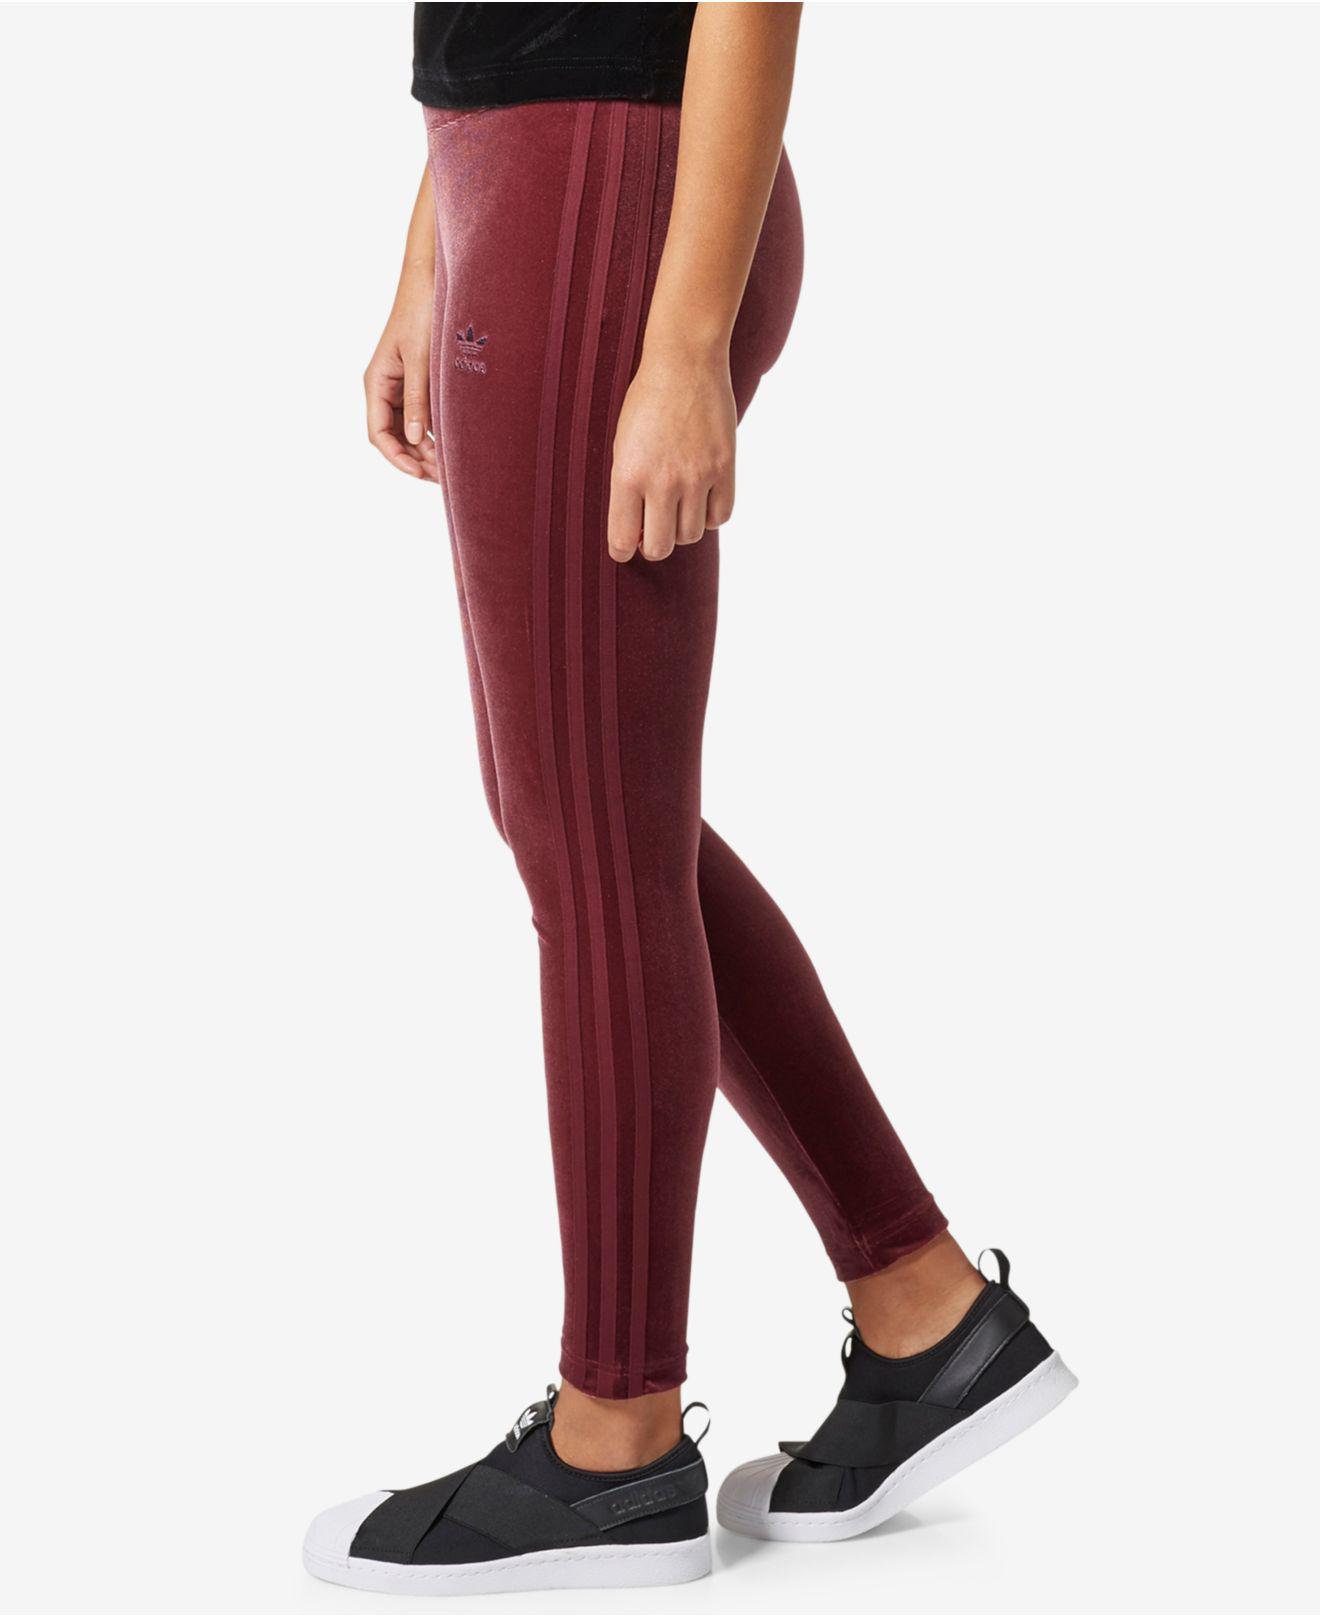 2027f54fa67 adidas Originals Velvet Vibe Leggings in Red - Lyst